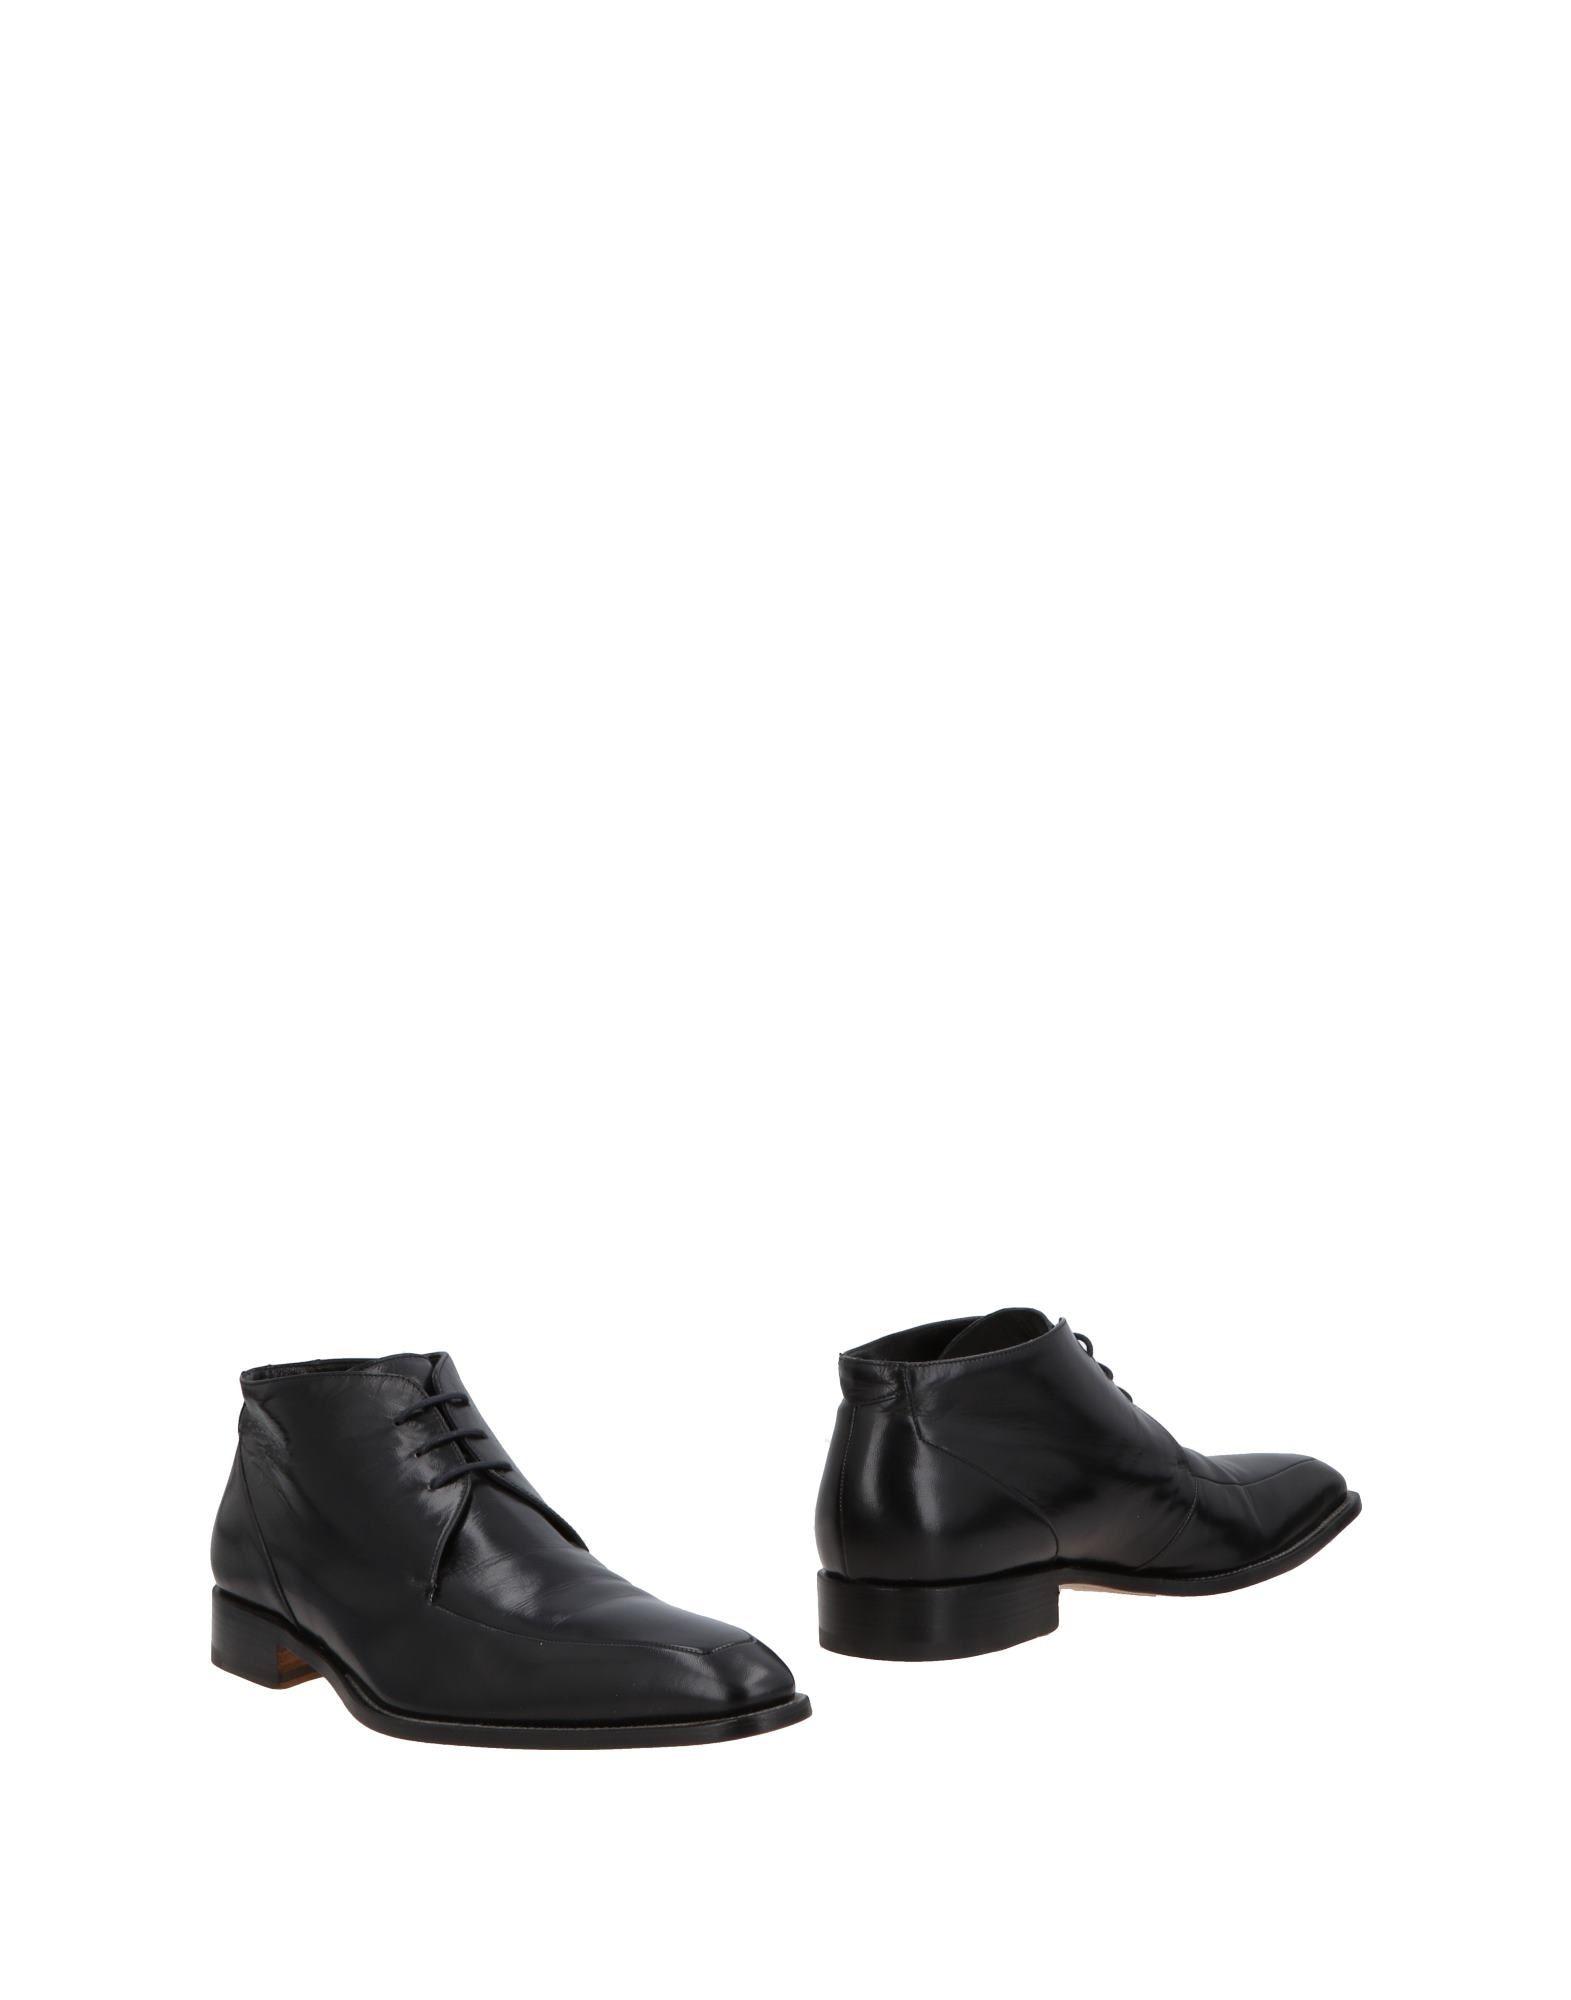 Fabi Stiefelette Herren  11499843XL Gute Qualität beliebte Schuhe